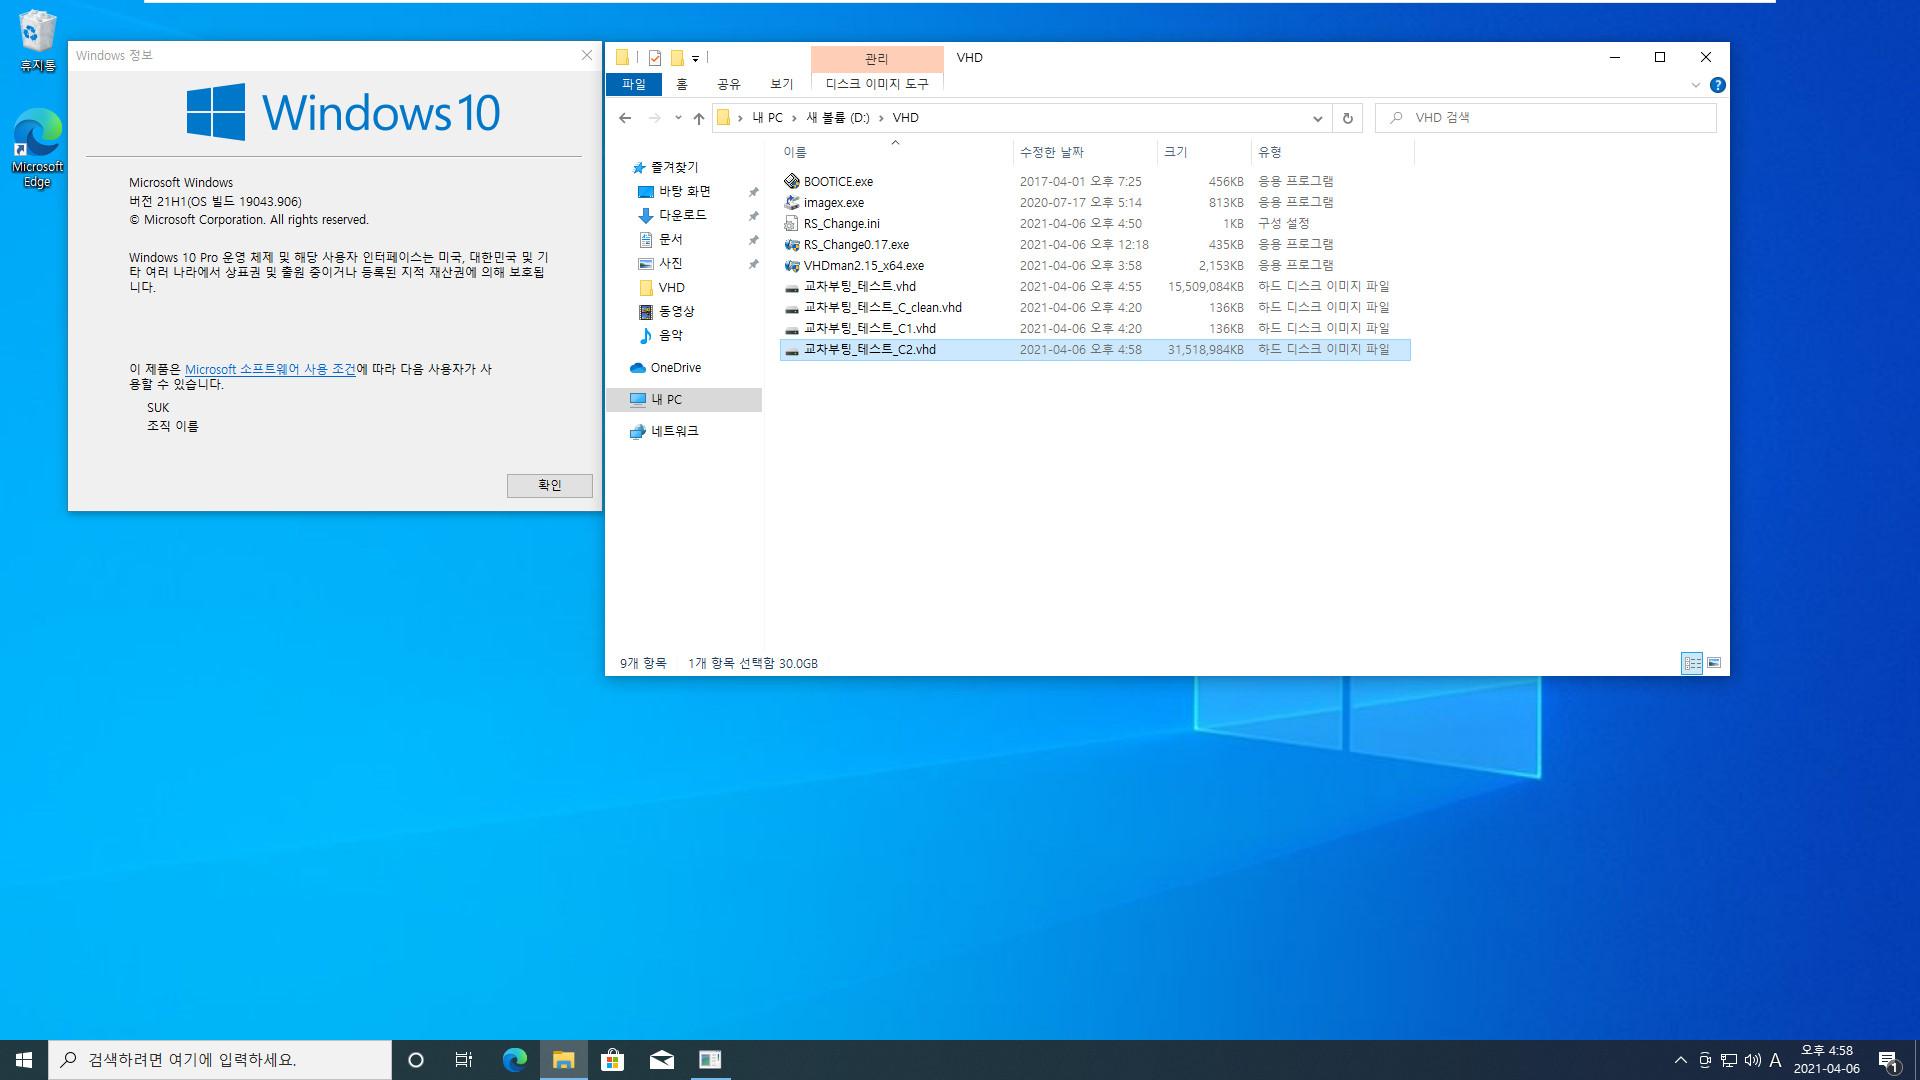 VHDman2.15으로 교차 부팅 테스트 2021-04-06_165829.jpg